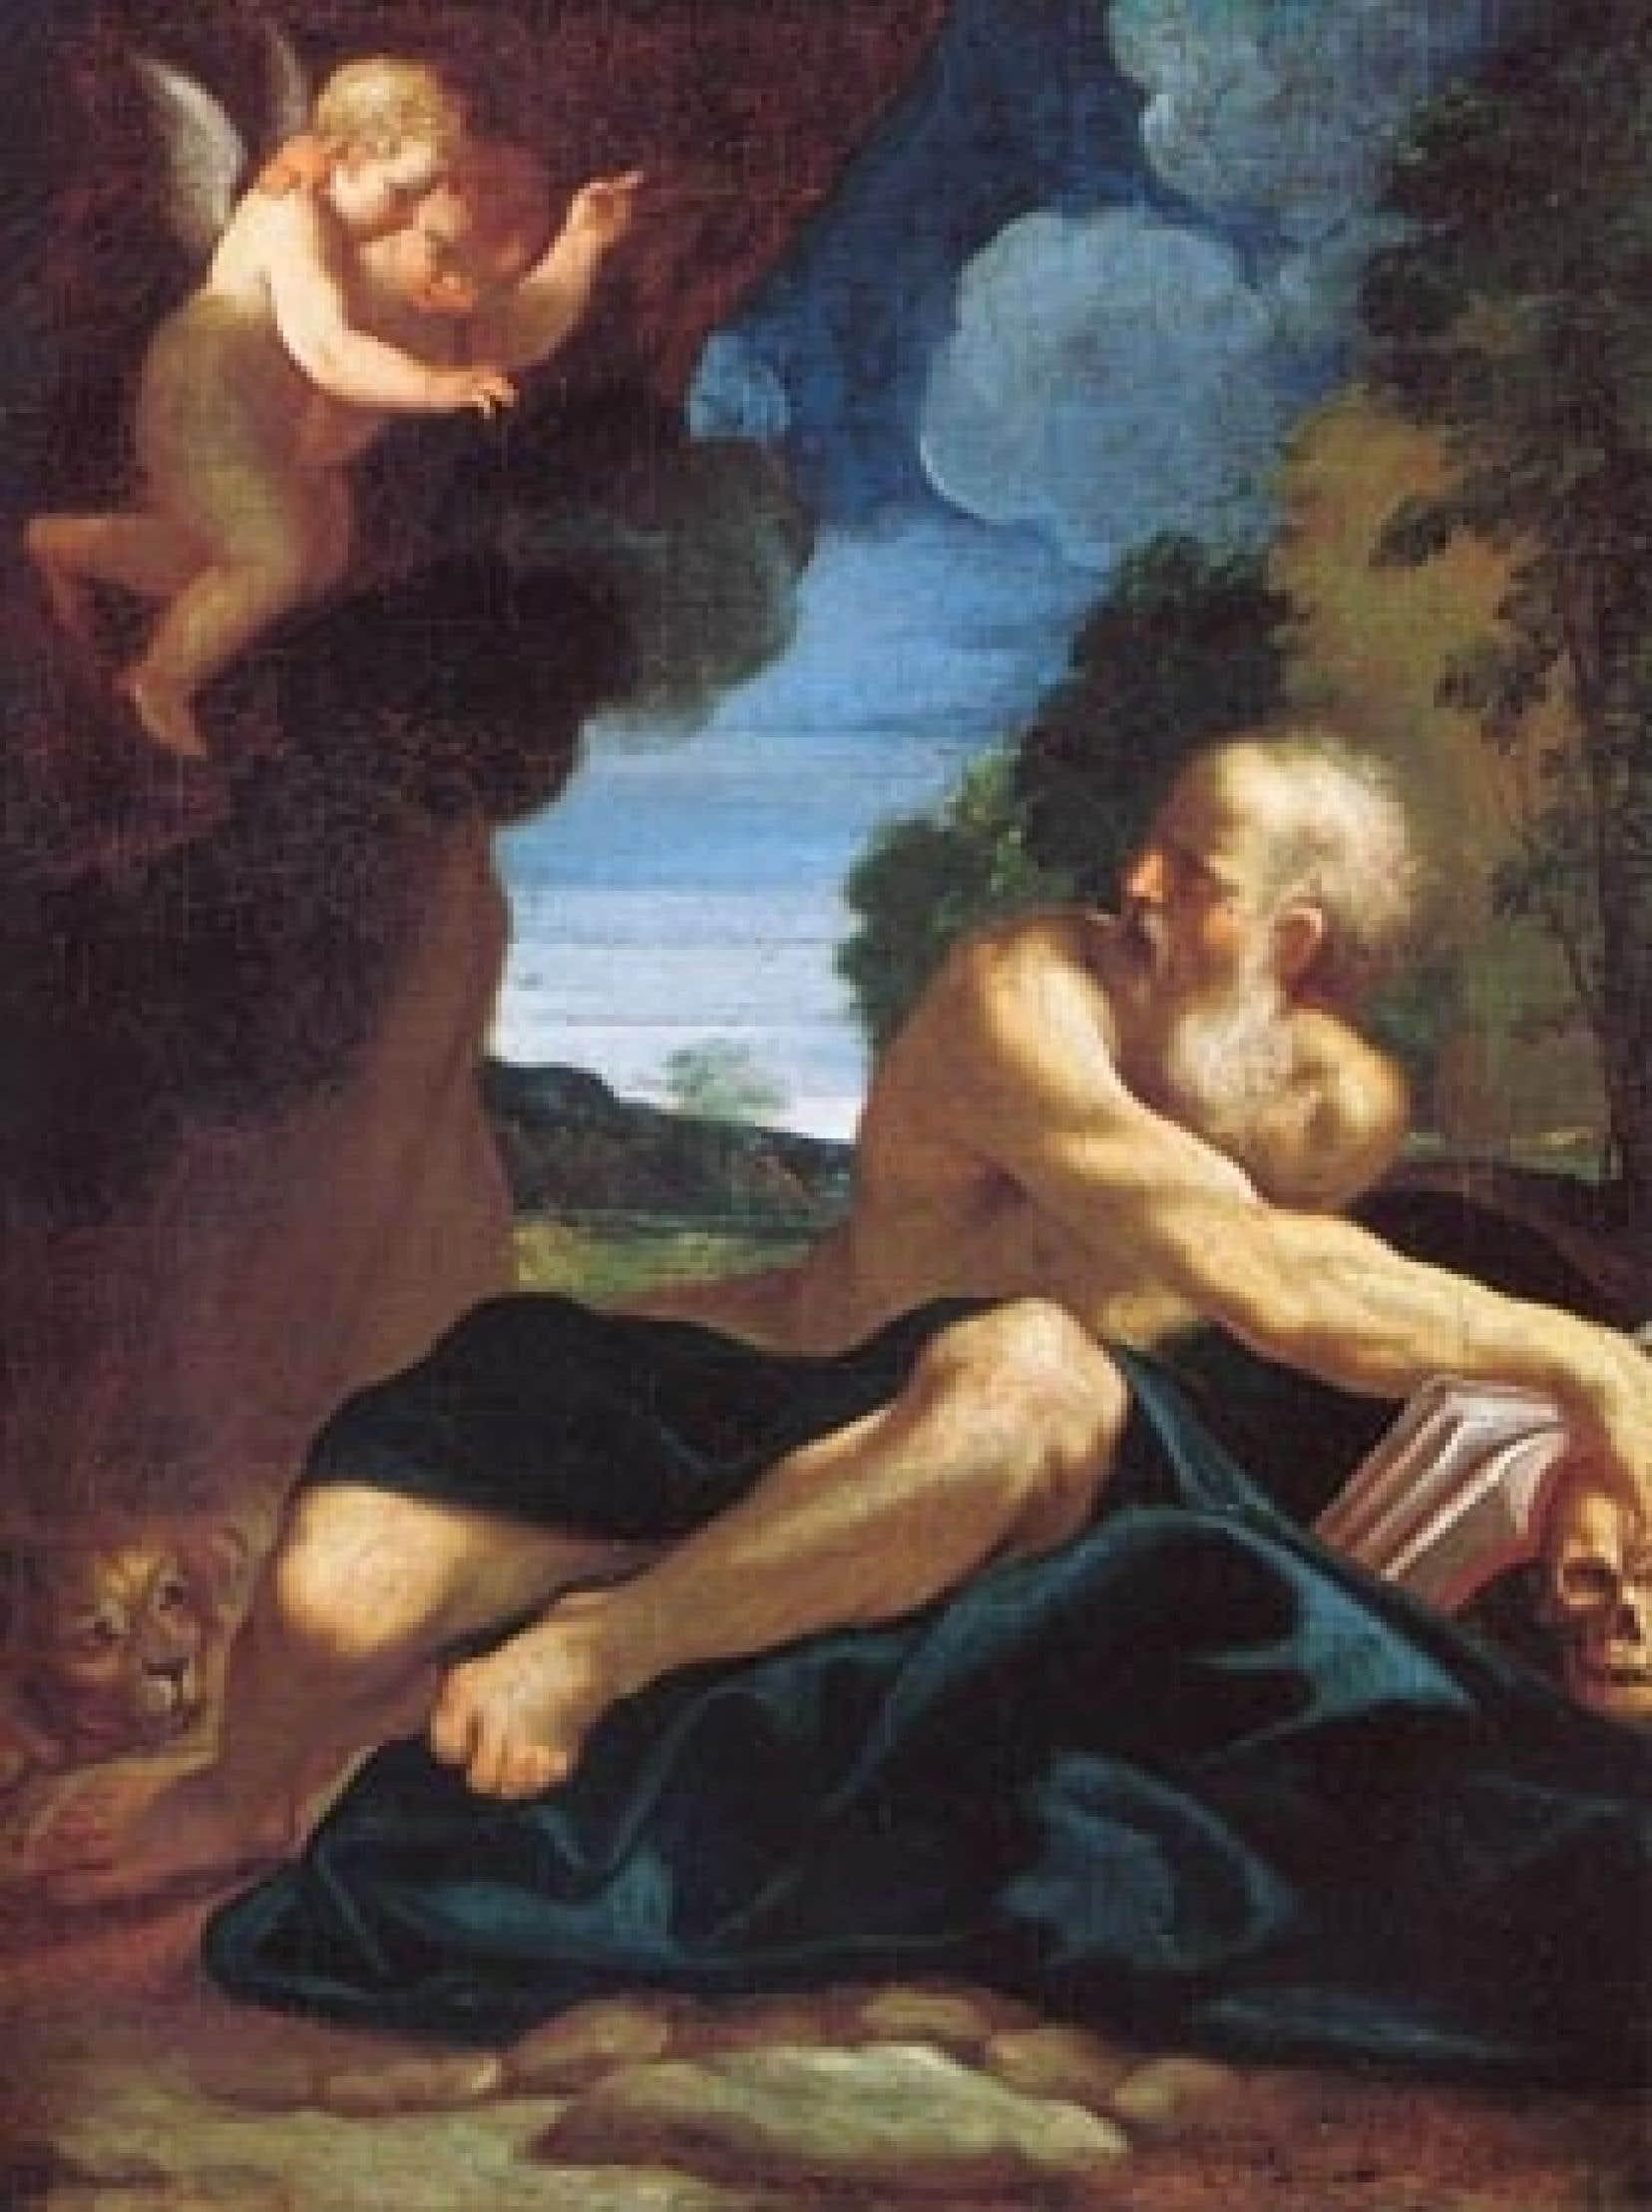 L'oeuvre représente un saint Jérôme du peintre italien baroque Ludovico Carracci.